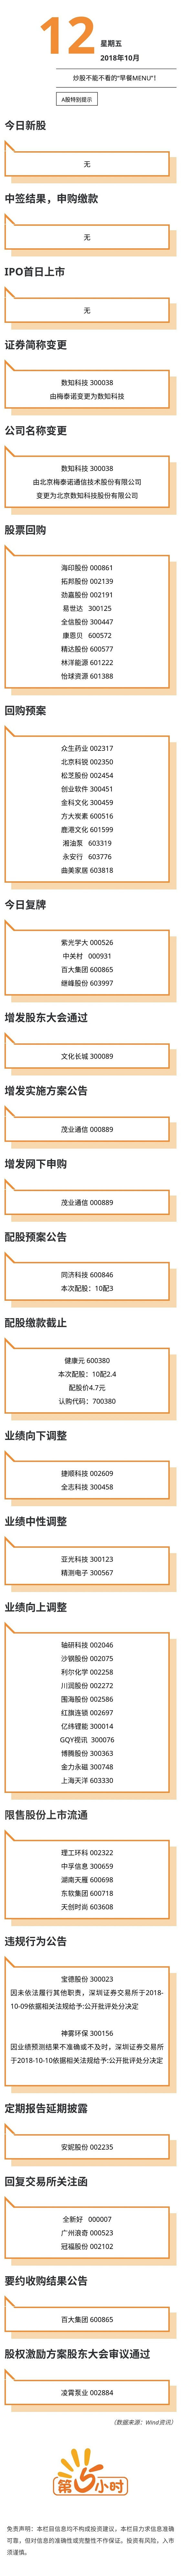 A股特别提示(2018-10-12).jpg